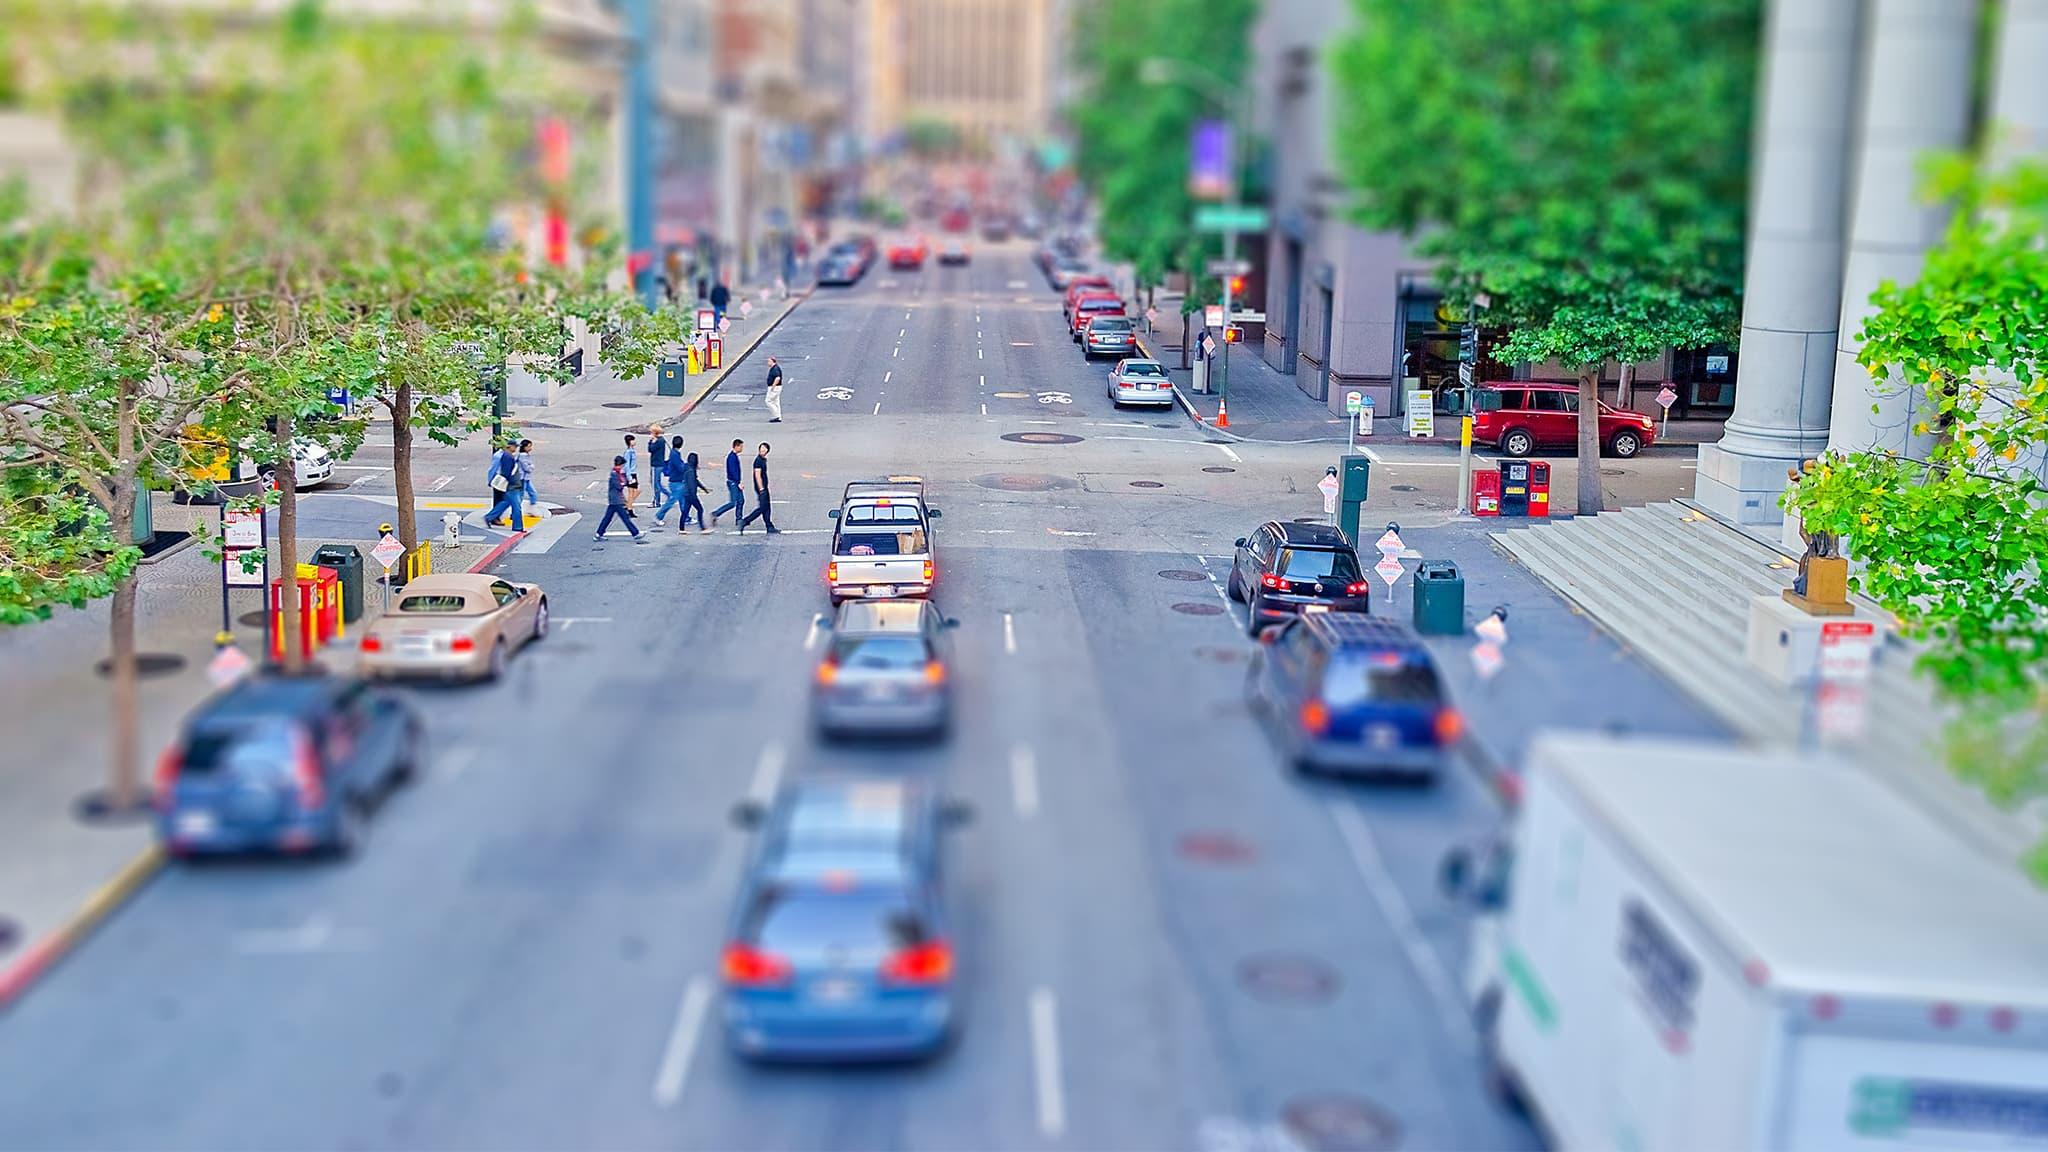 Tilt-Shift Photograph Of A Busy City Street